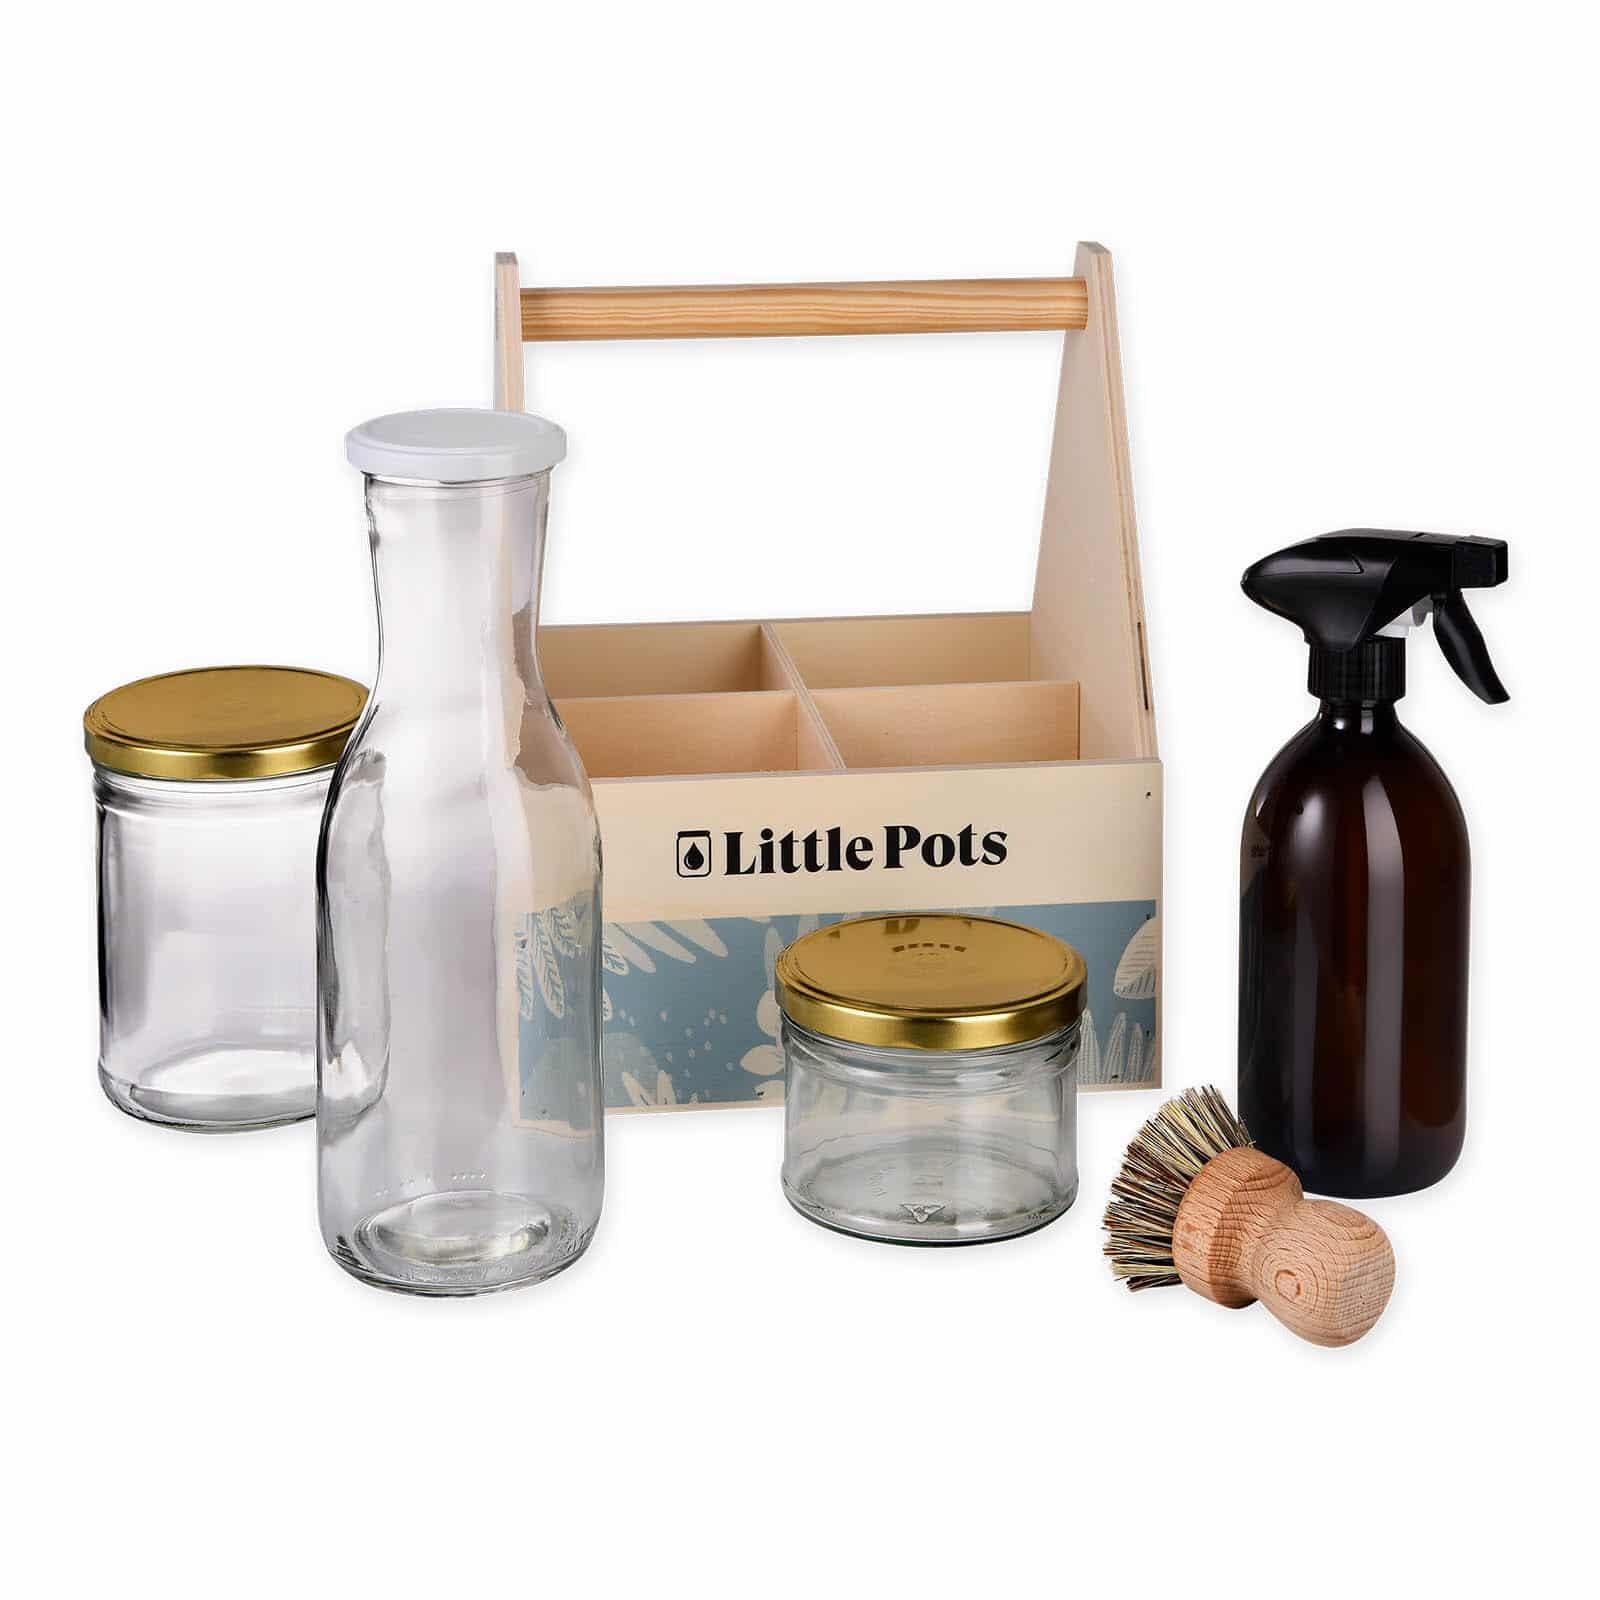 Little Pots Kit le tout propre contenants en verre pour produits ménagers maison